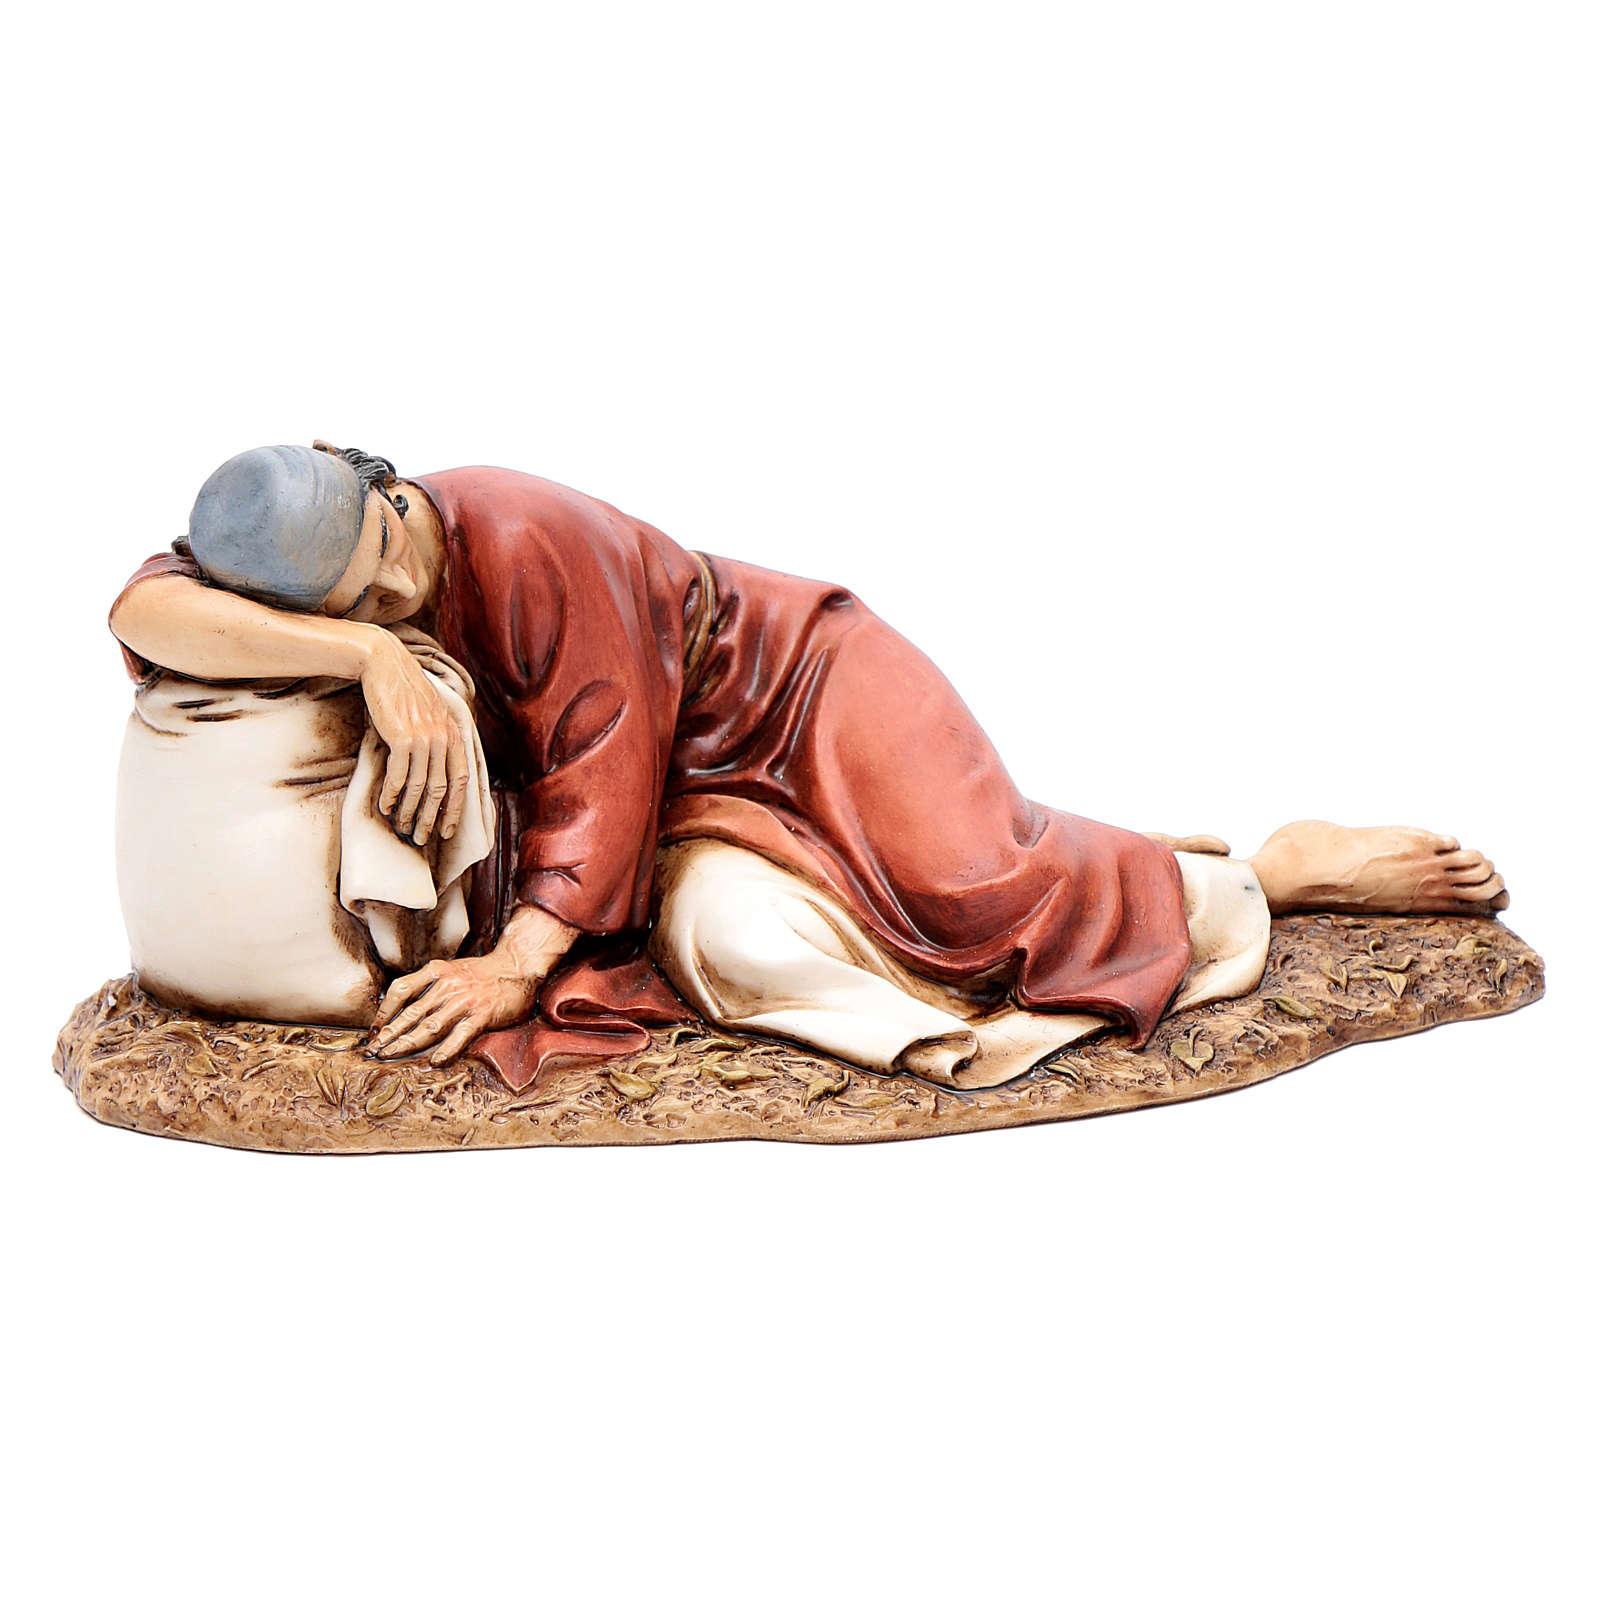 Hombre dormido 20 cm resina Moranduzzo 4